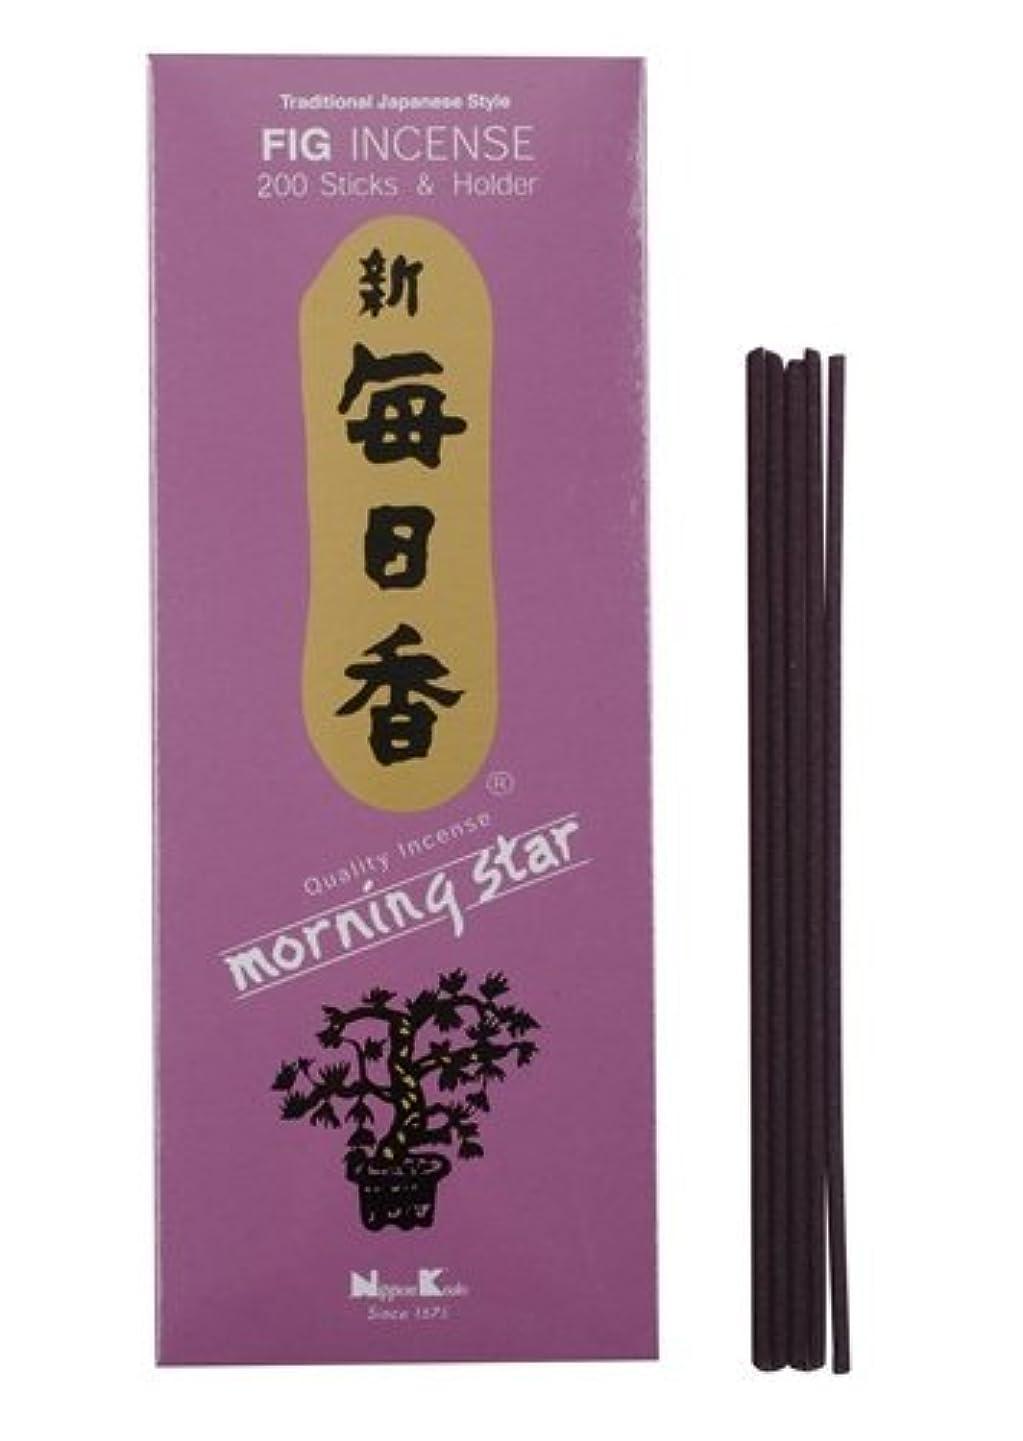 論文含む修理工Morning Star Fig Incense – 200 sticks